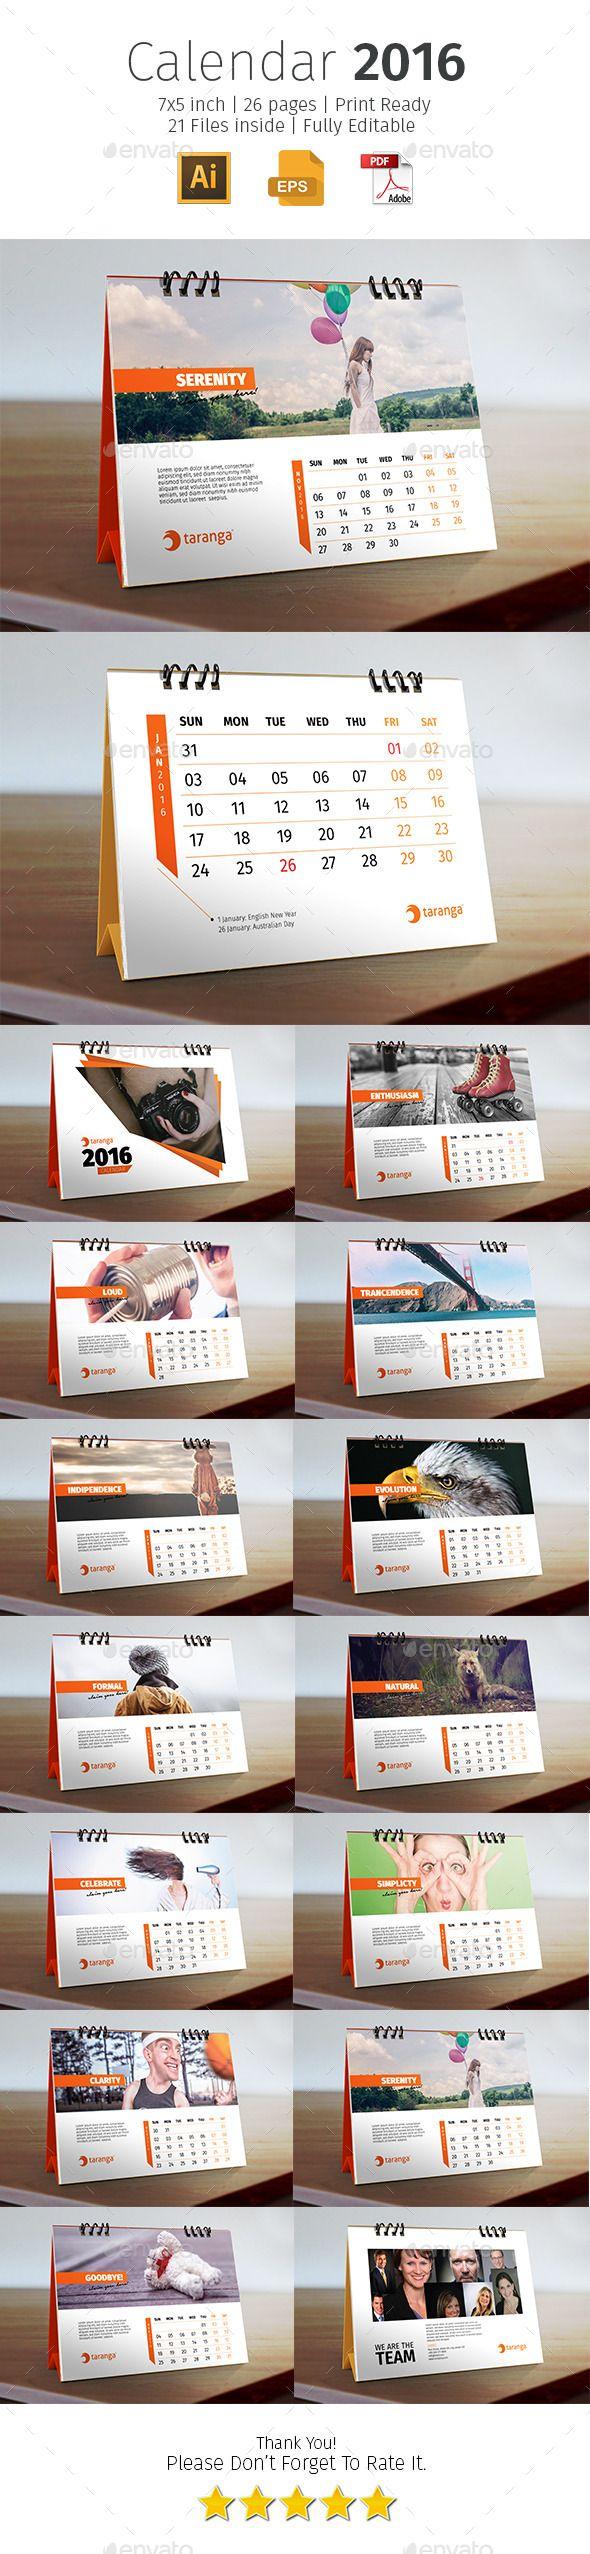 2016 Corporate Desk Calendar Template #design Download…